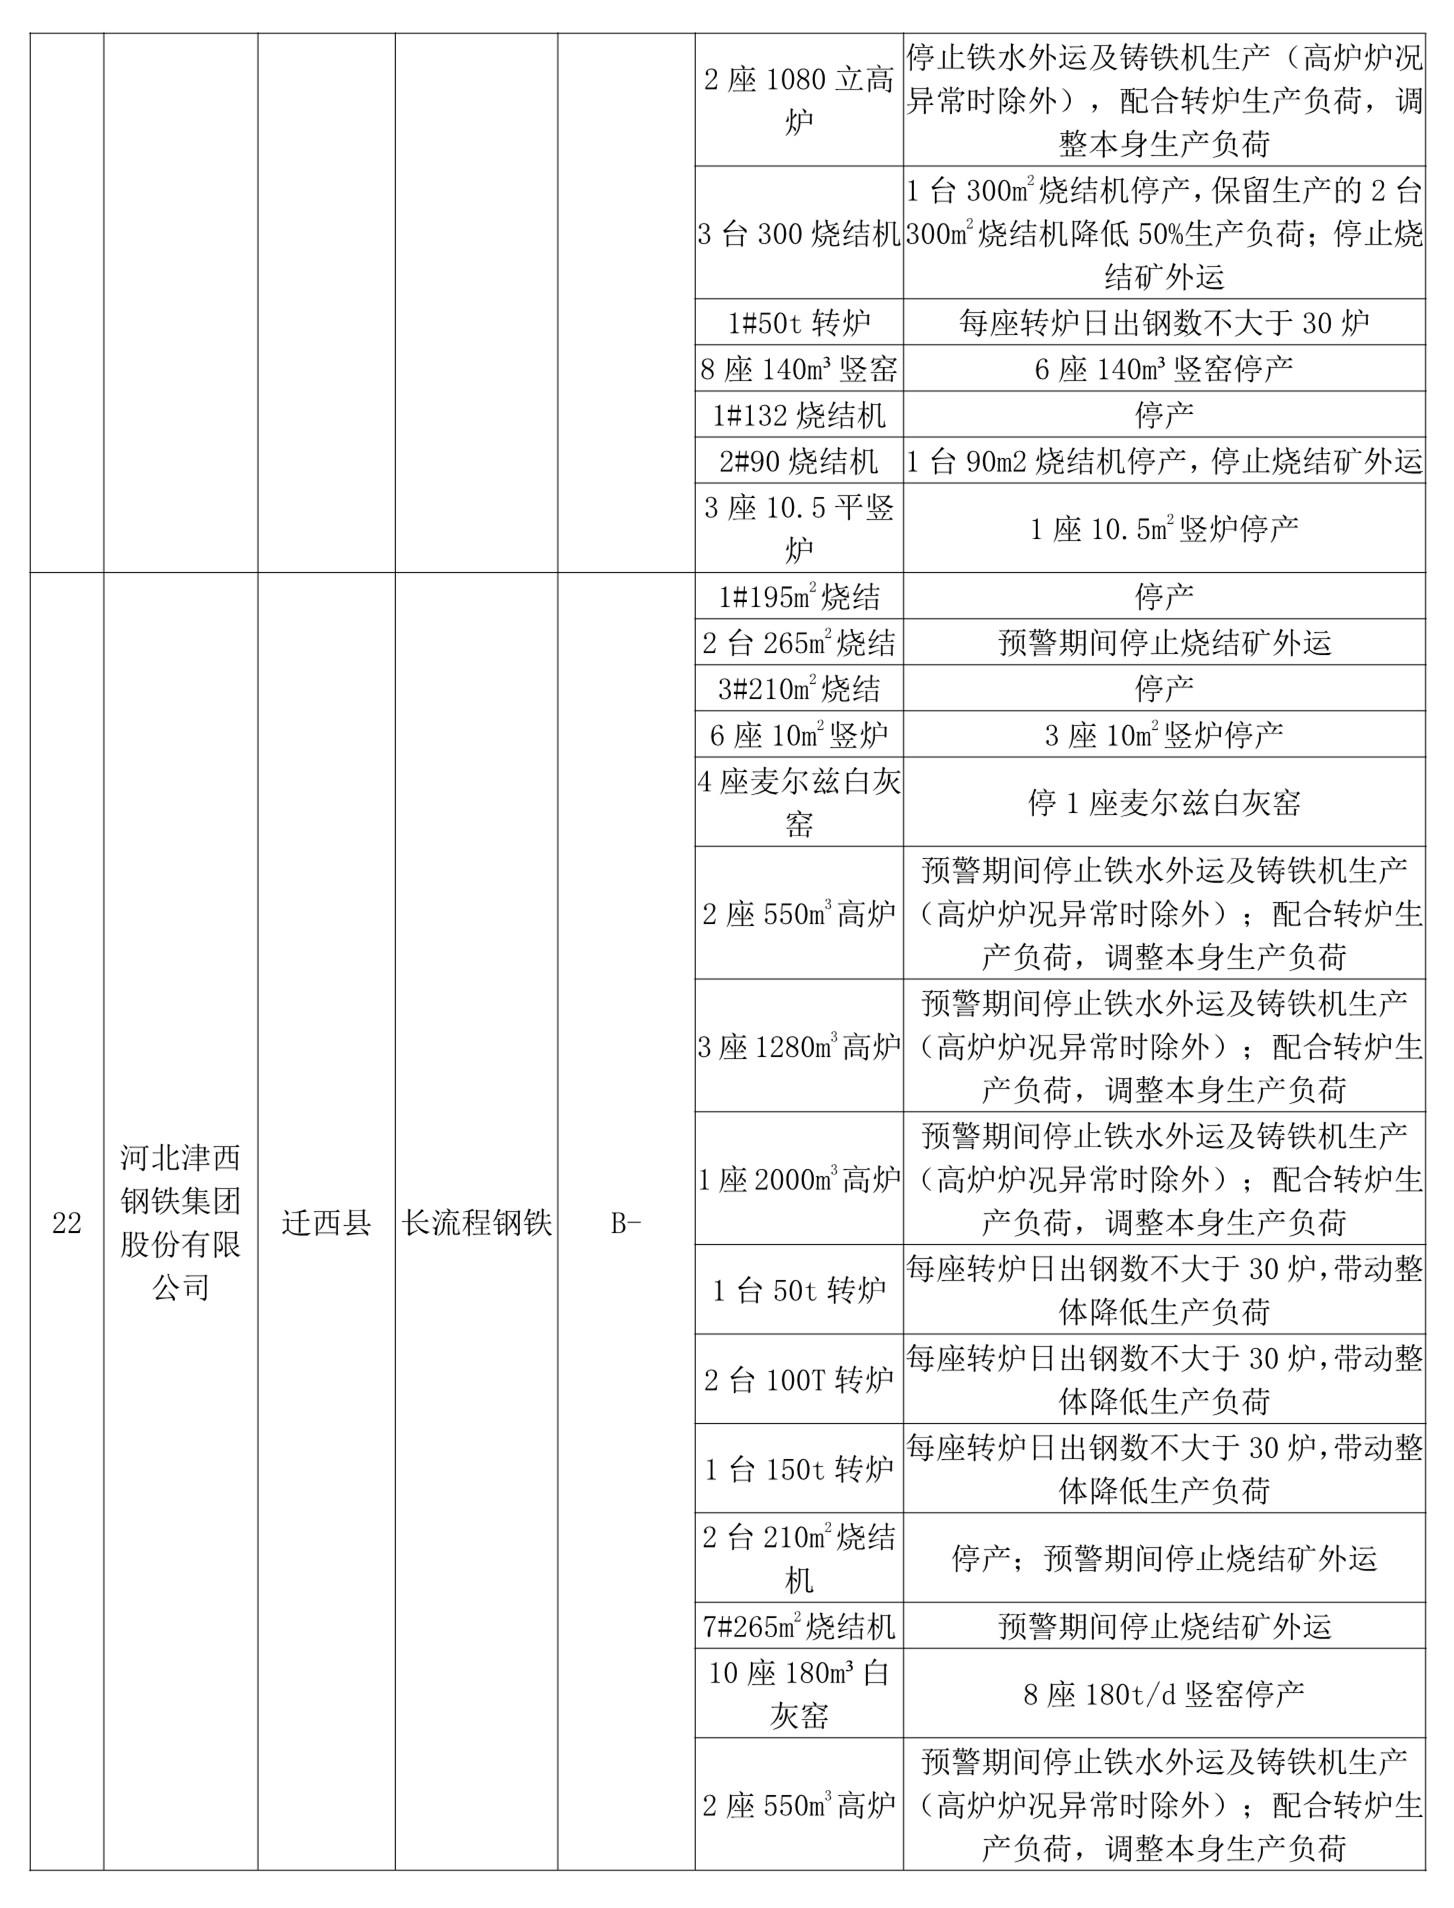 唐山将启动重污染天气Ⅱ级应急响应